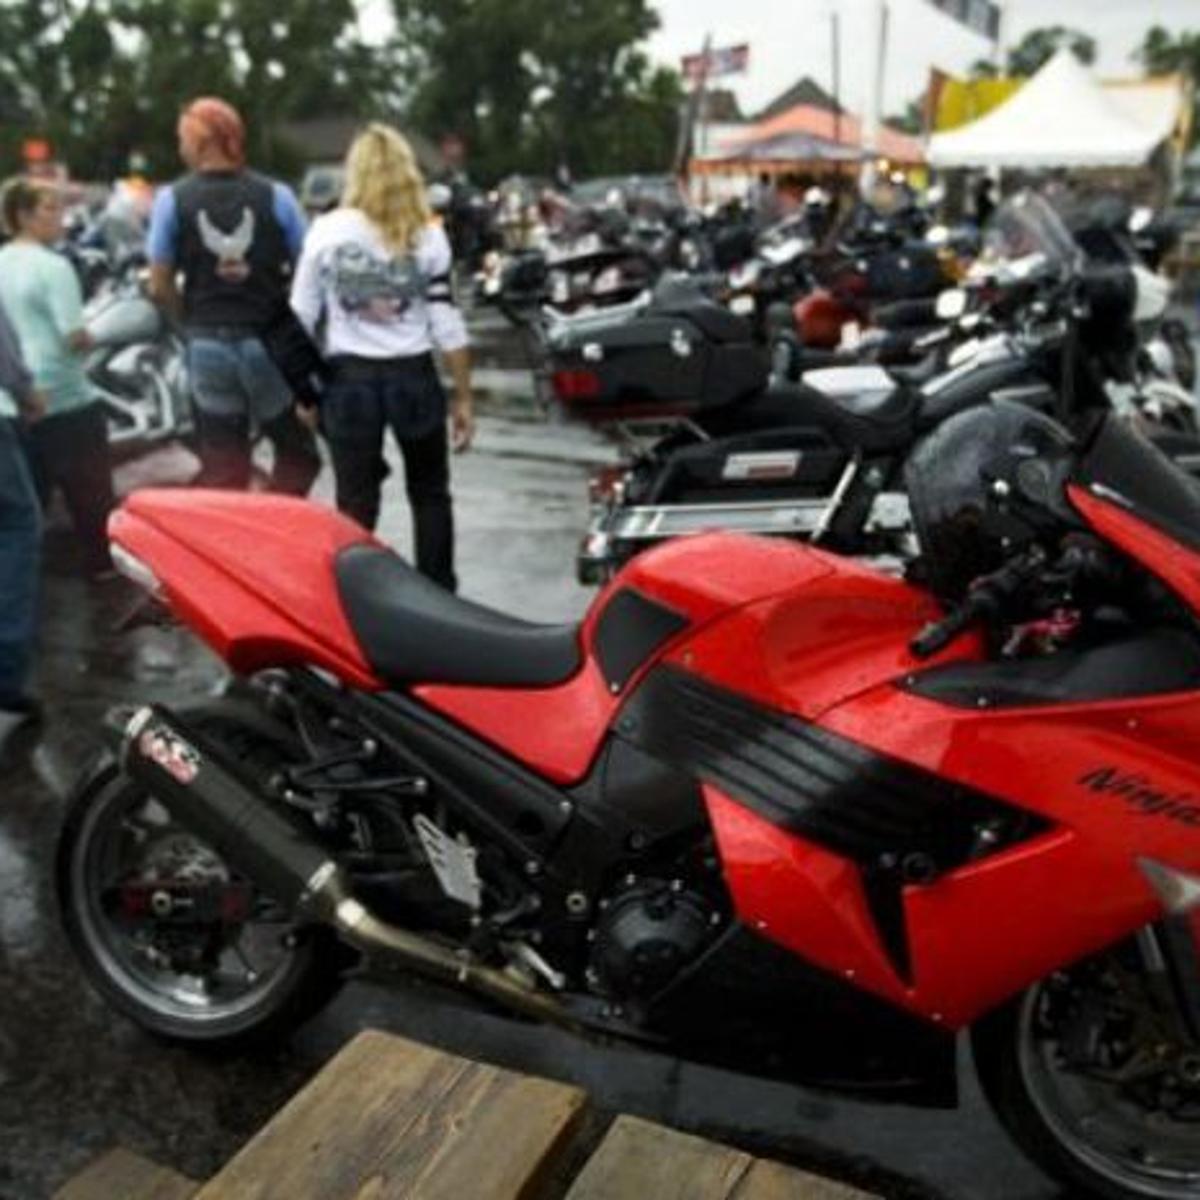 No Harley? No problem! Harley-Davidson dominance waning at rally